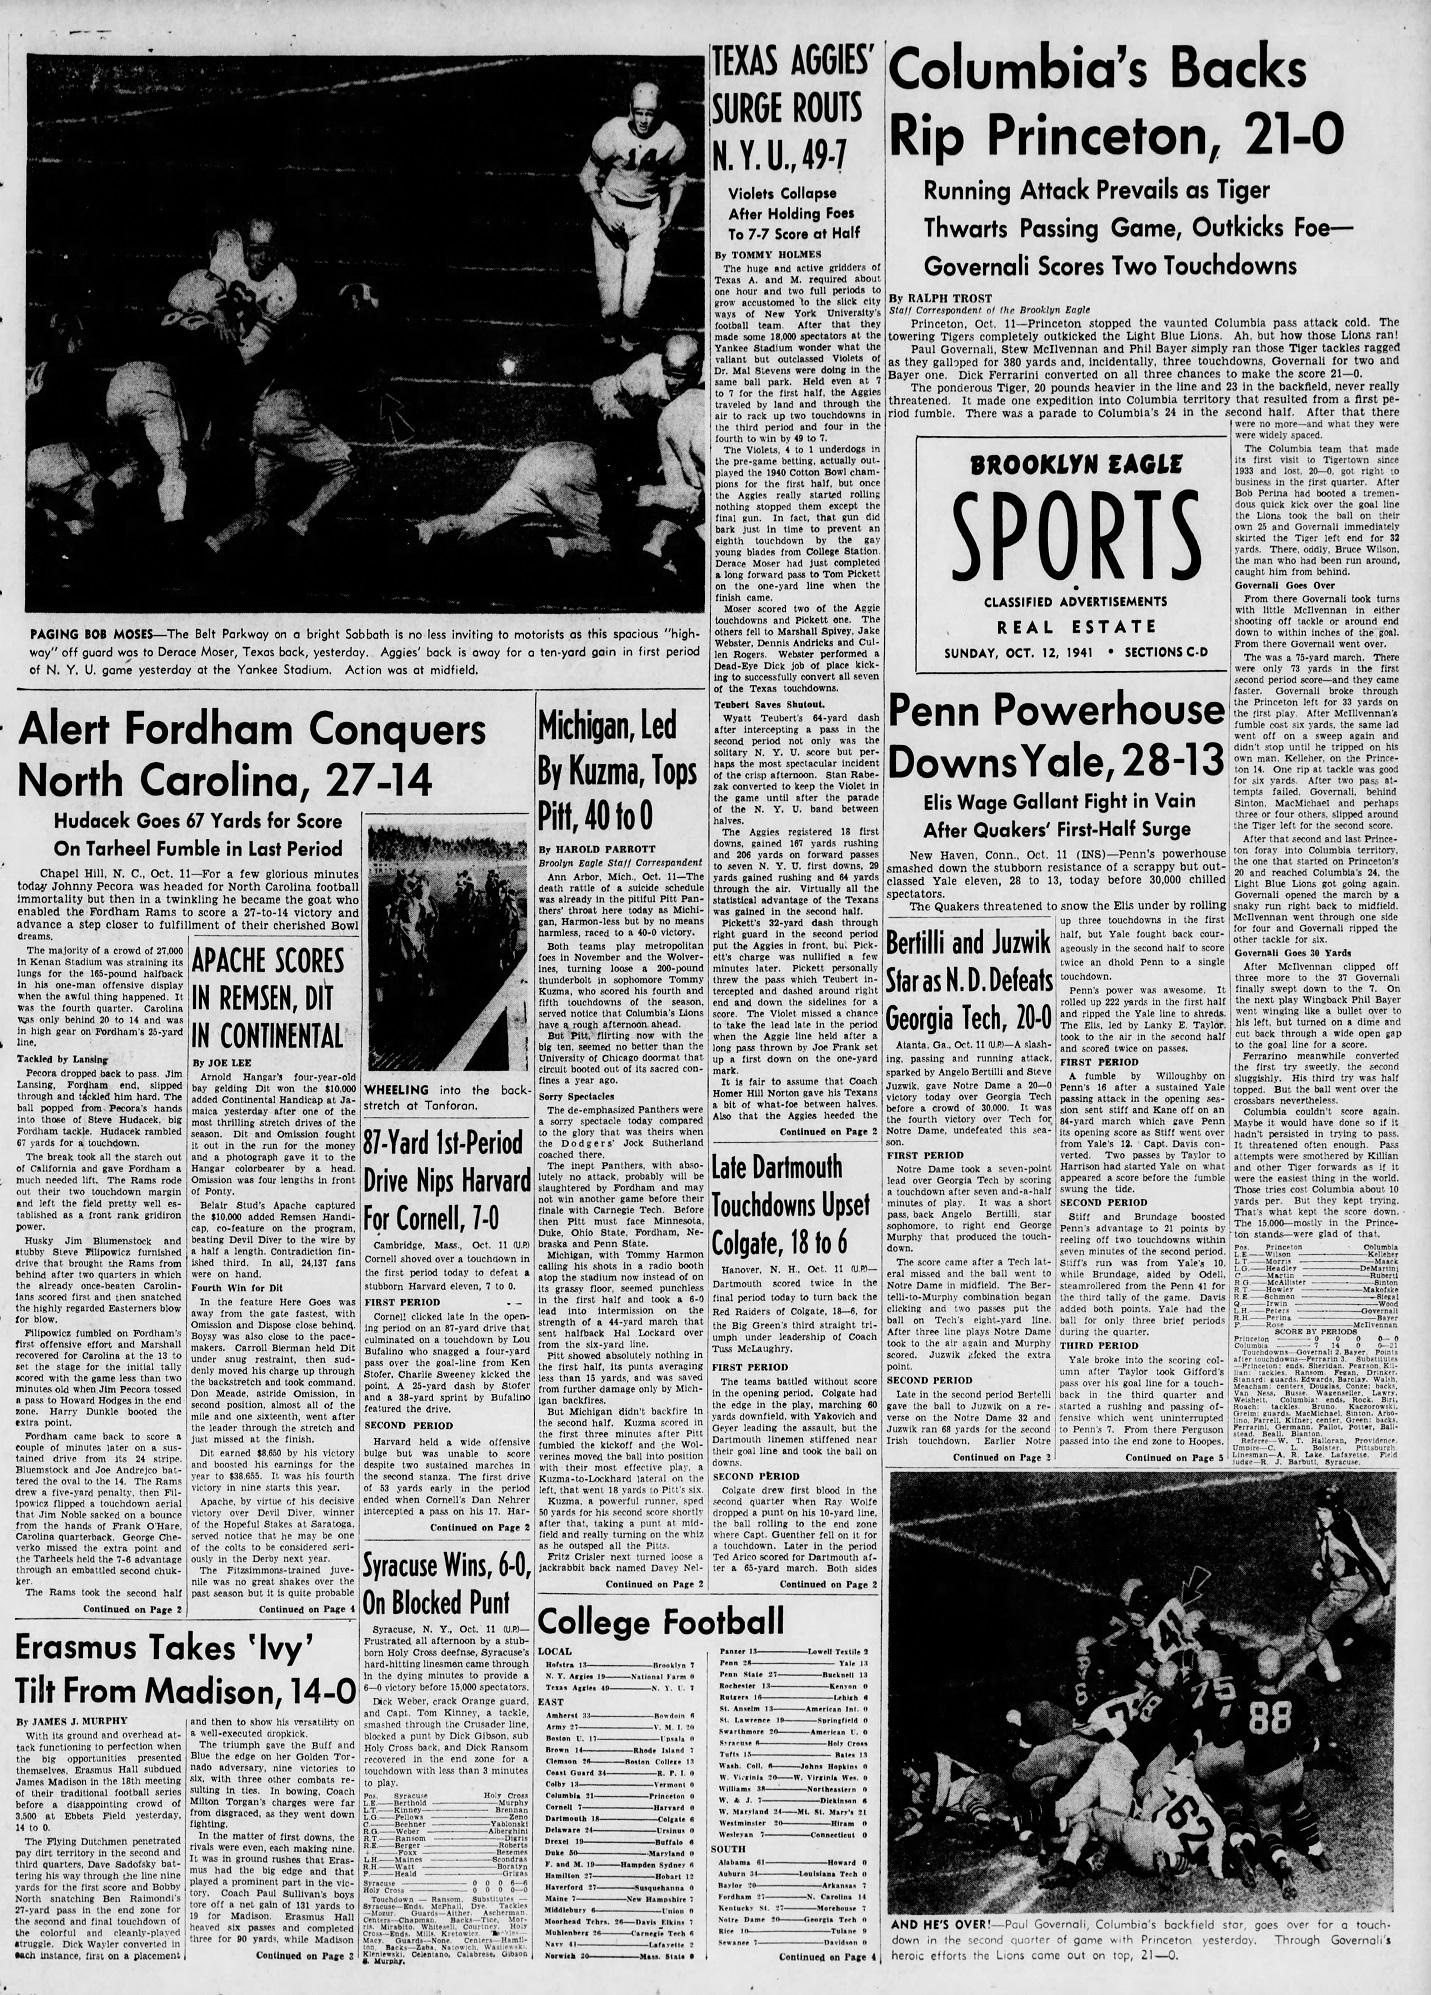 The_Brooklyn_Daily_Eagle_Sun__Oct_12__1941_(2).jpg